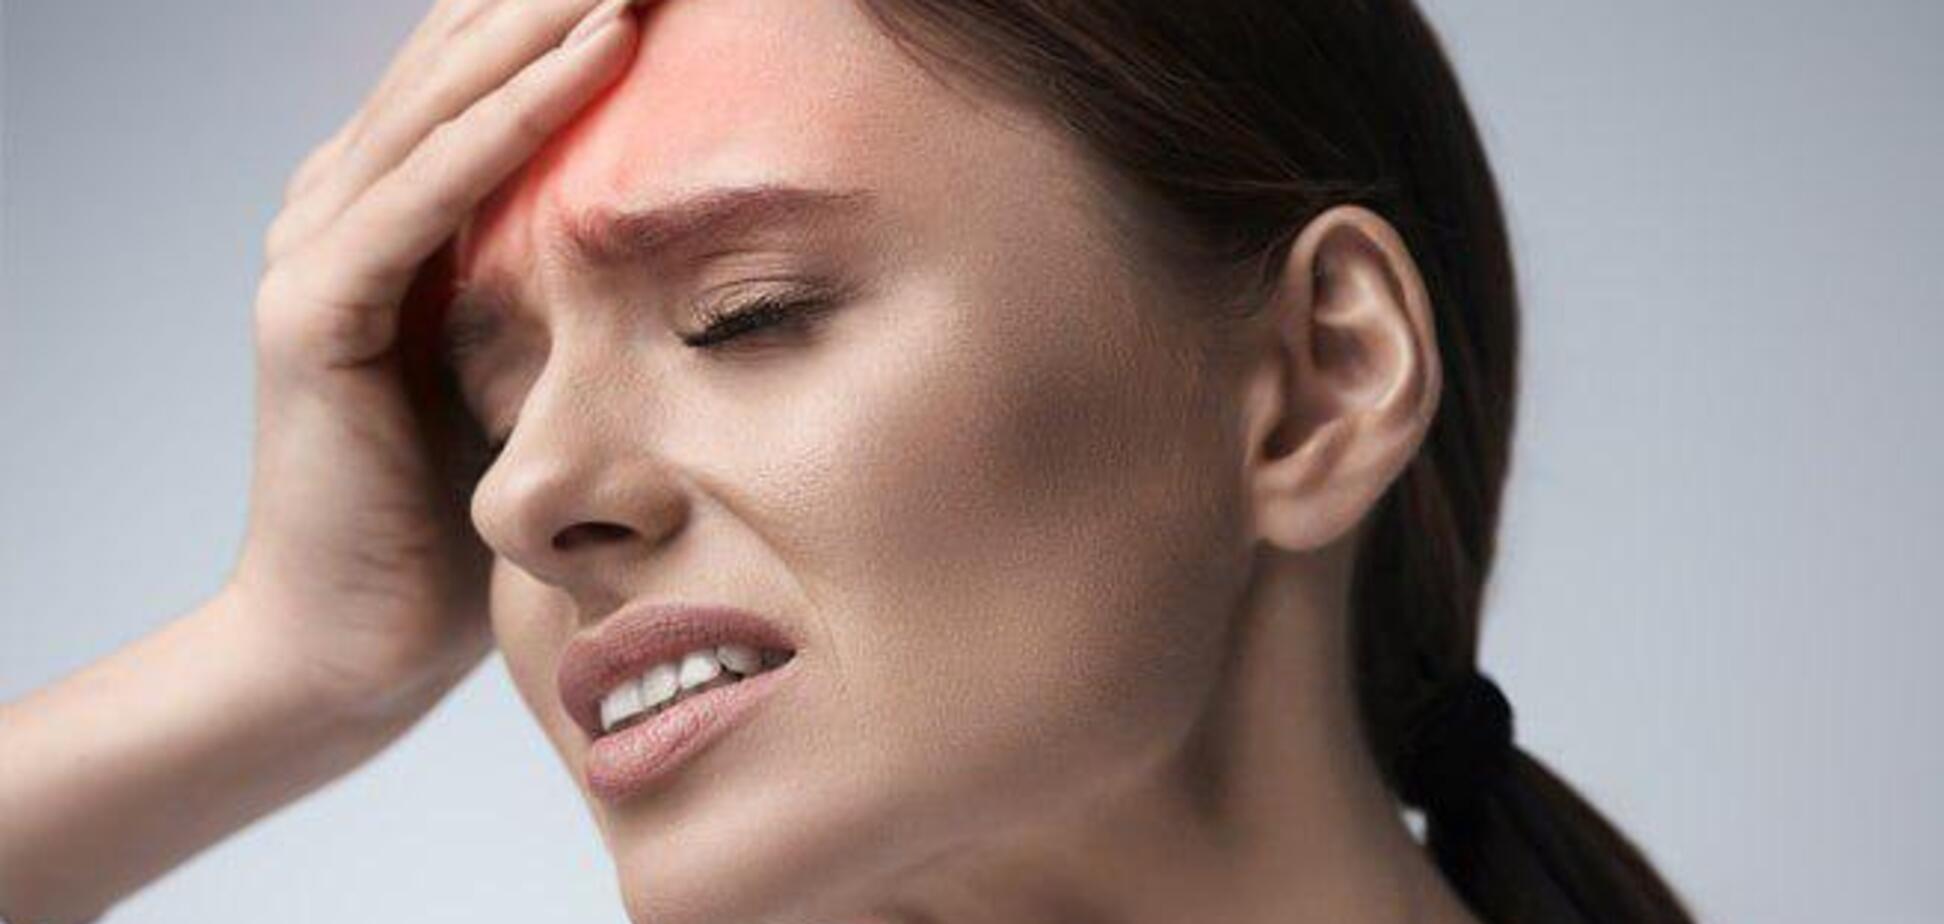 Как побороть мигрень: врач дала два простых совета